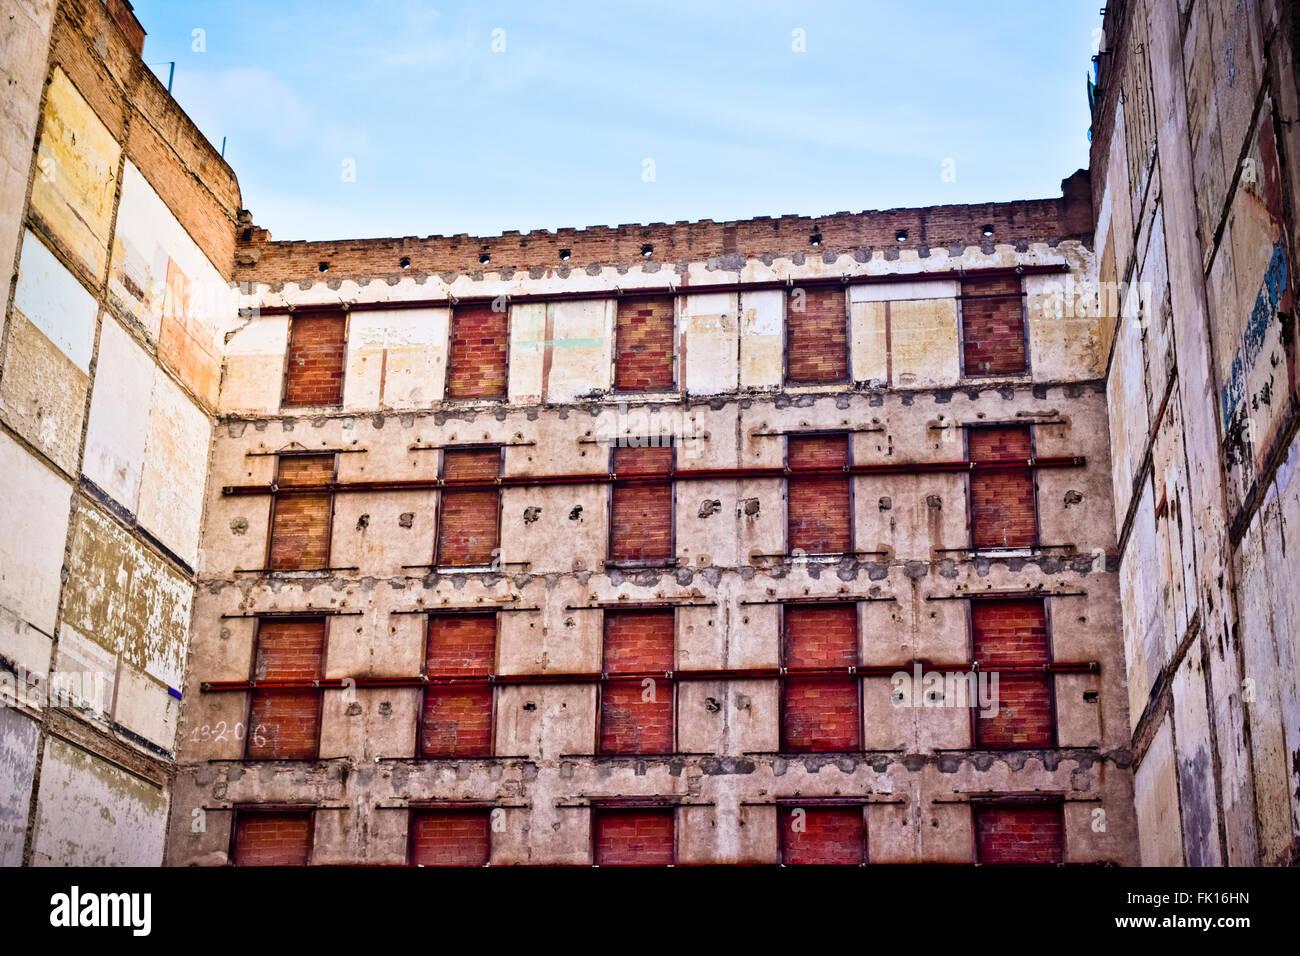 Umbau eines alten Gebäudes Stockbild